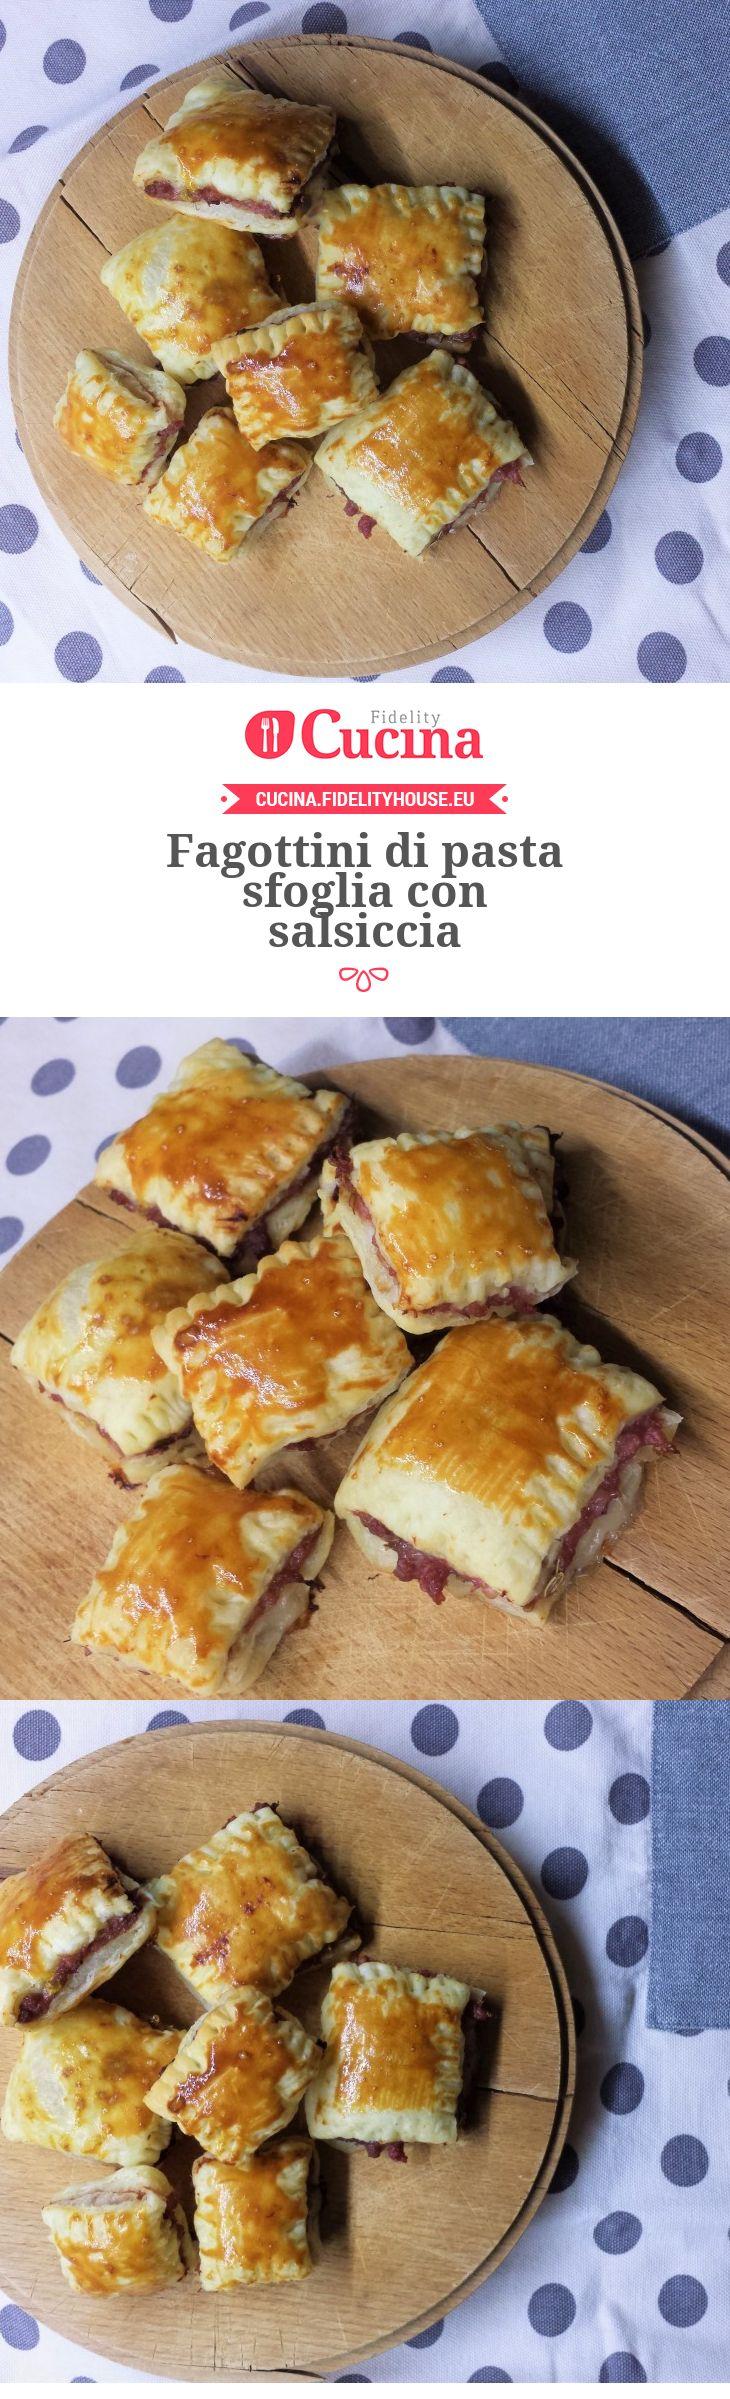 Fagottini di pasta sfoglia con salsiccia della nostra utente Giada. Unisciti alla nostra Community ed invia le tue ricette!